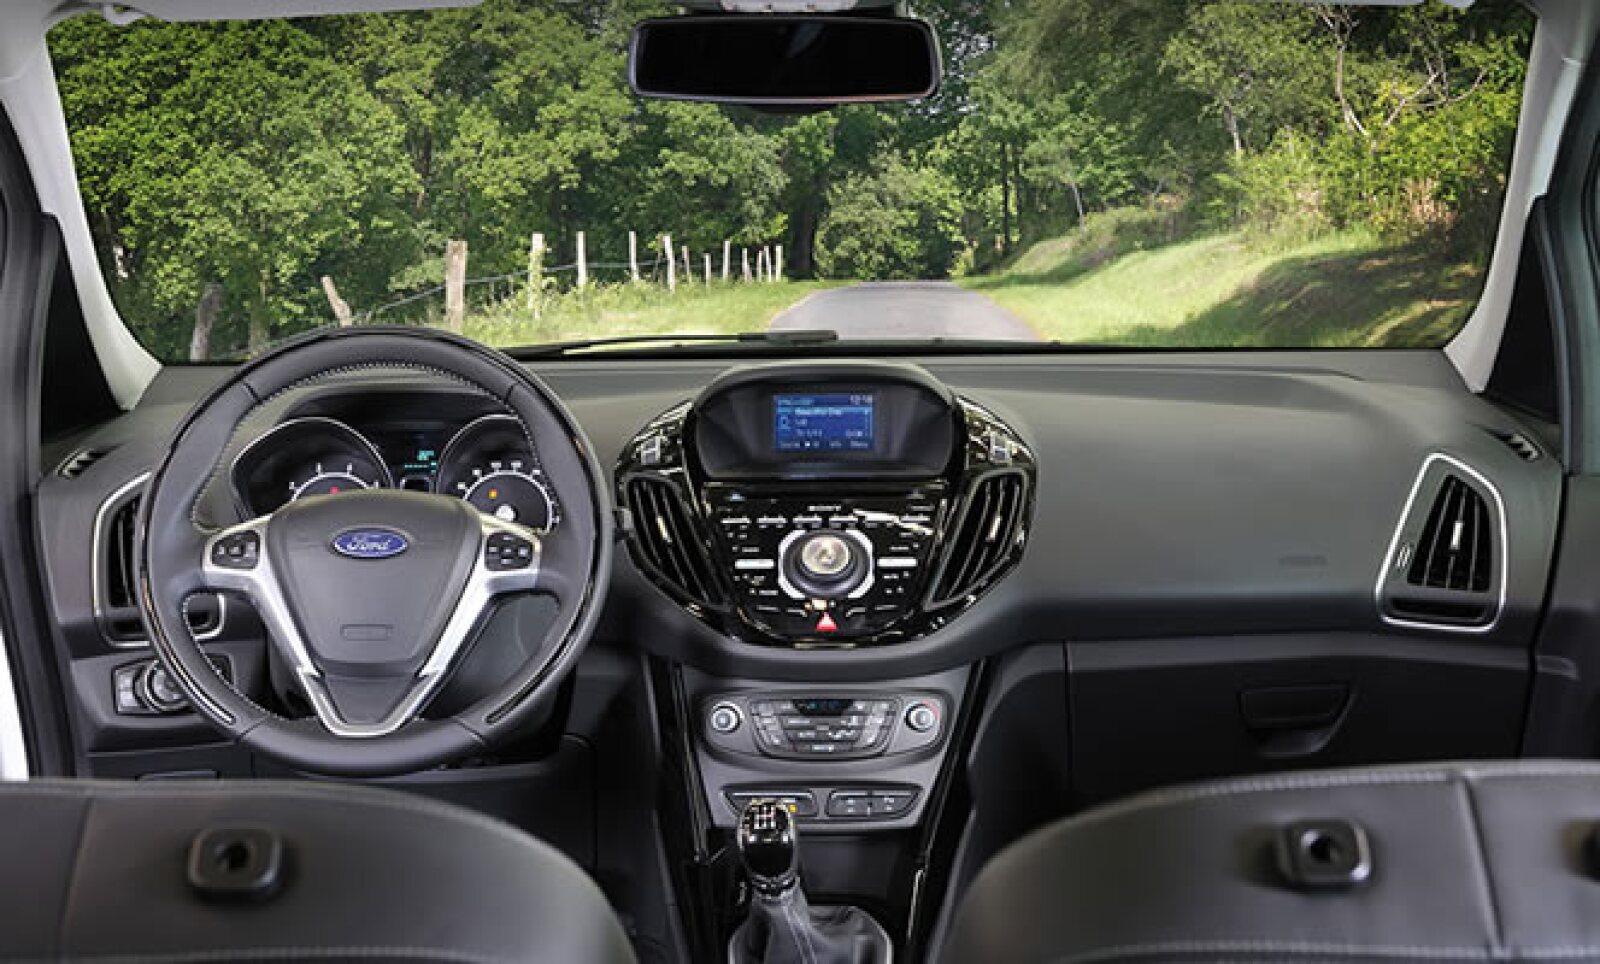 """""""El nuevo B-MAX va a innovar el segmento de vehículos familiares compactos europeo. Ningún vehículo de su clase ofrece una combinación tan atractiva de estilo, versatilidad y tecnología"""", dijo Stephen Odell, presidente y CEO de Ford Europa."""